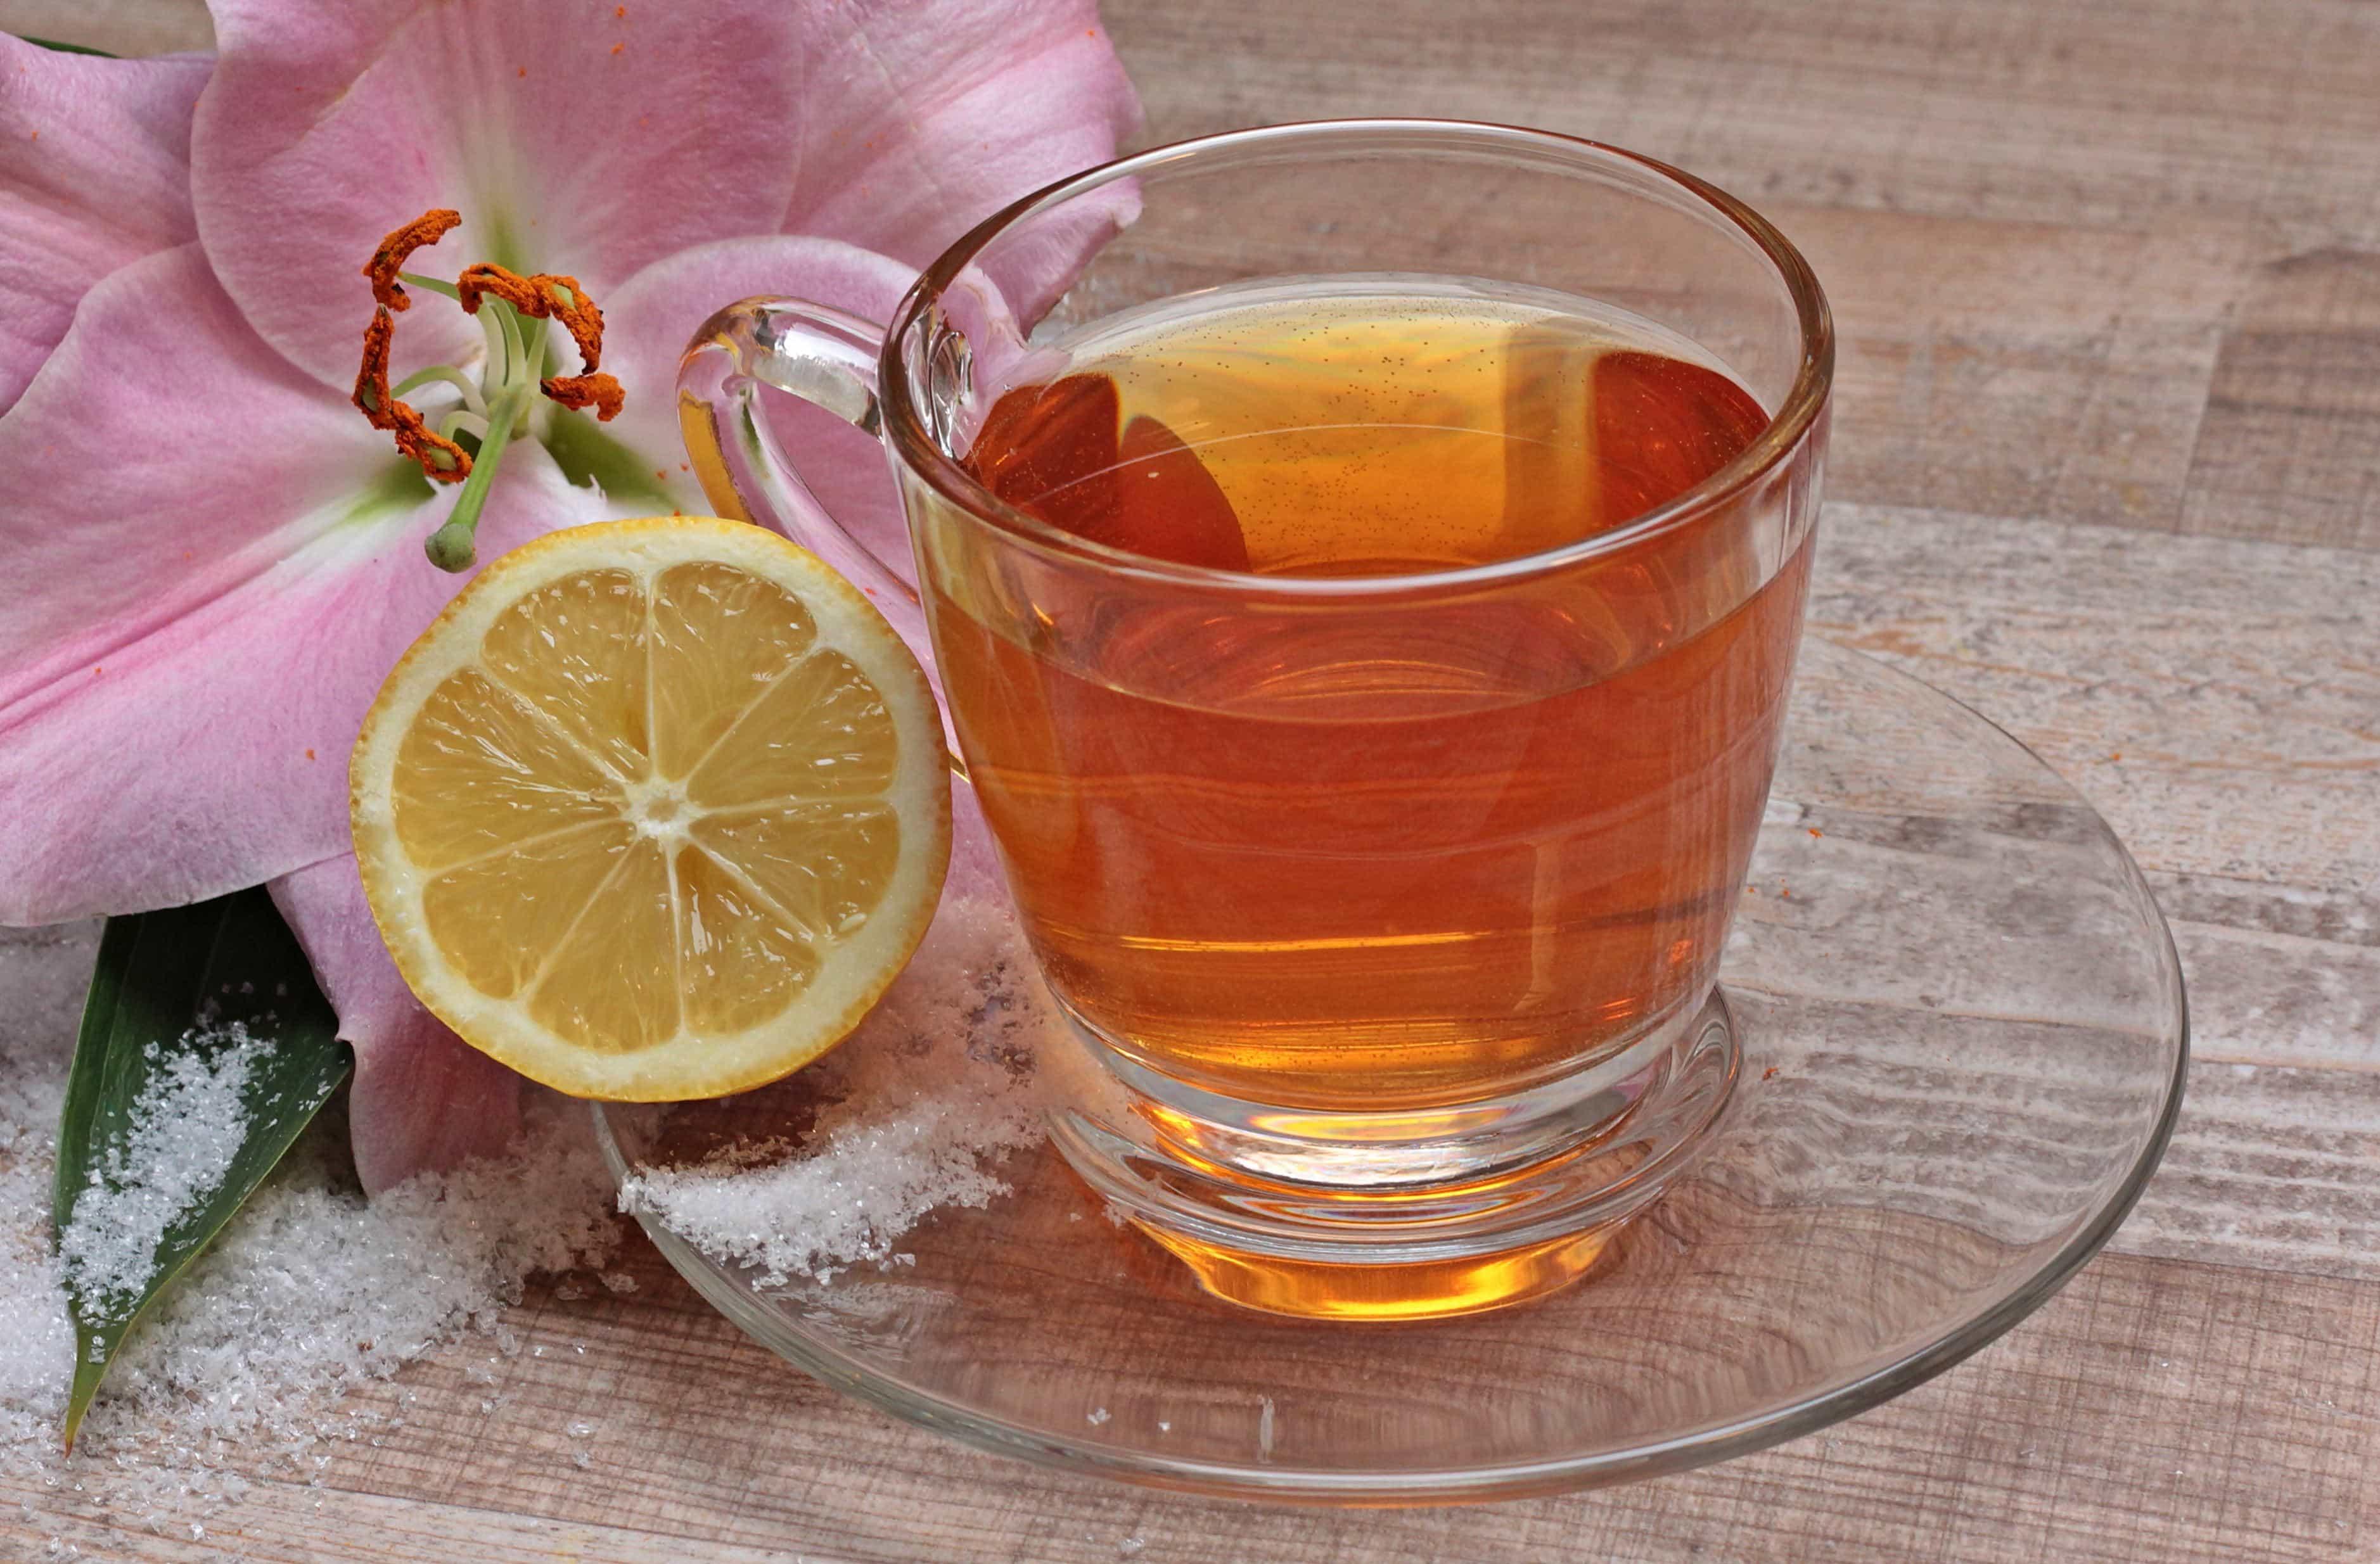 Free picture: drink, tea, glass, fruit, citrus, beverage, lemon